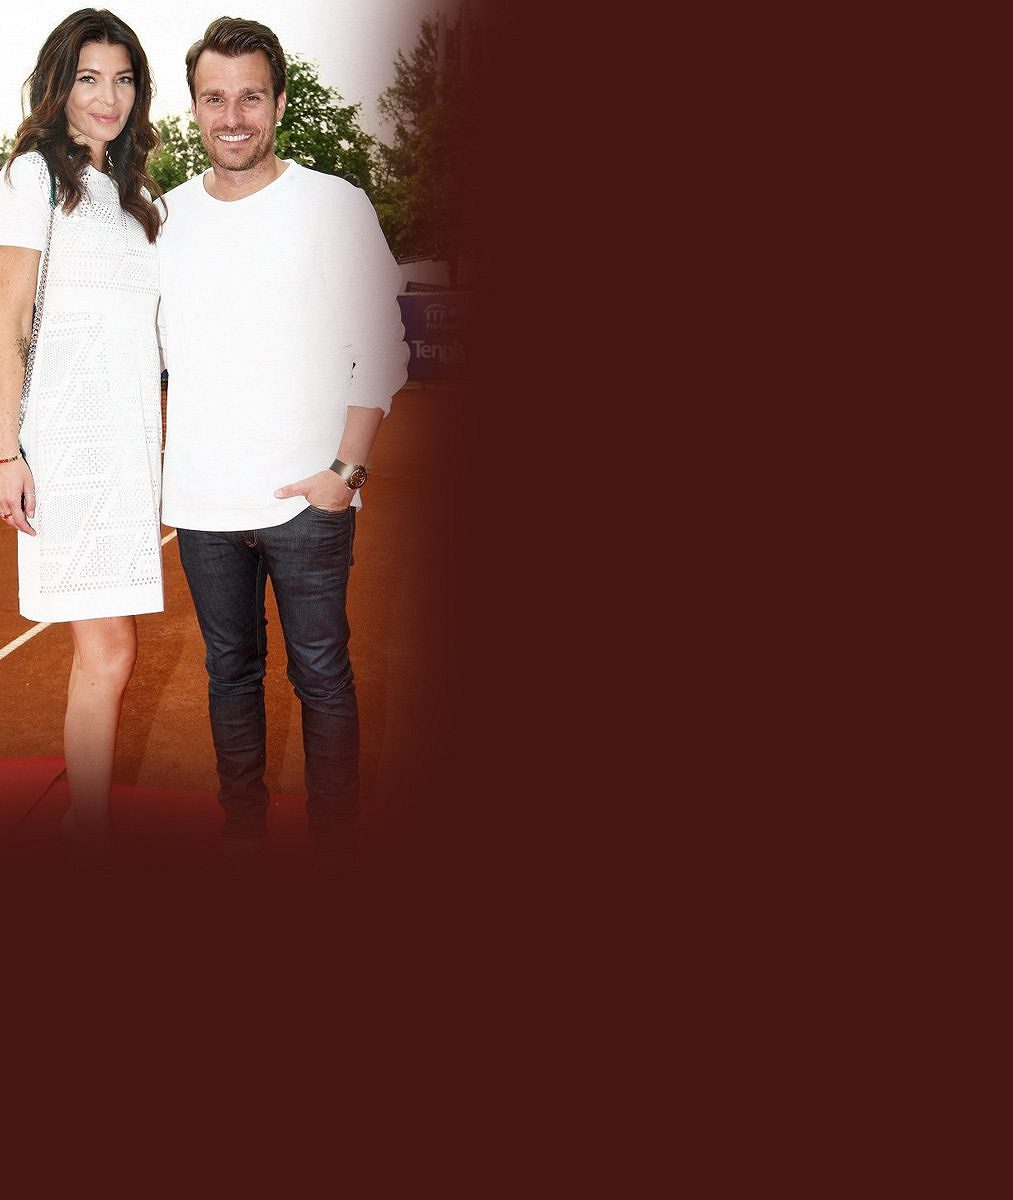 První manželské foto: Ženáč Leoš se pochlubil společným snímkem s manželkou Monikou, která přijala příjmení Marešová